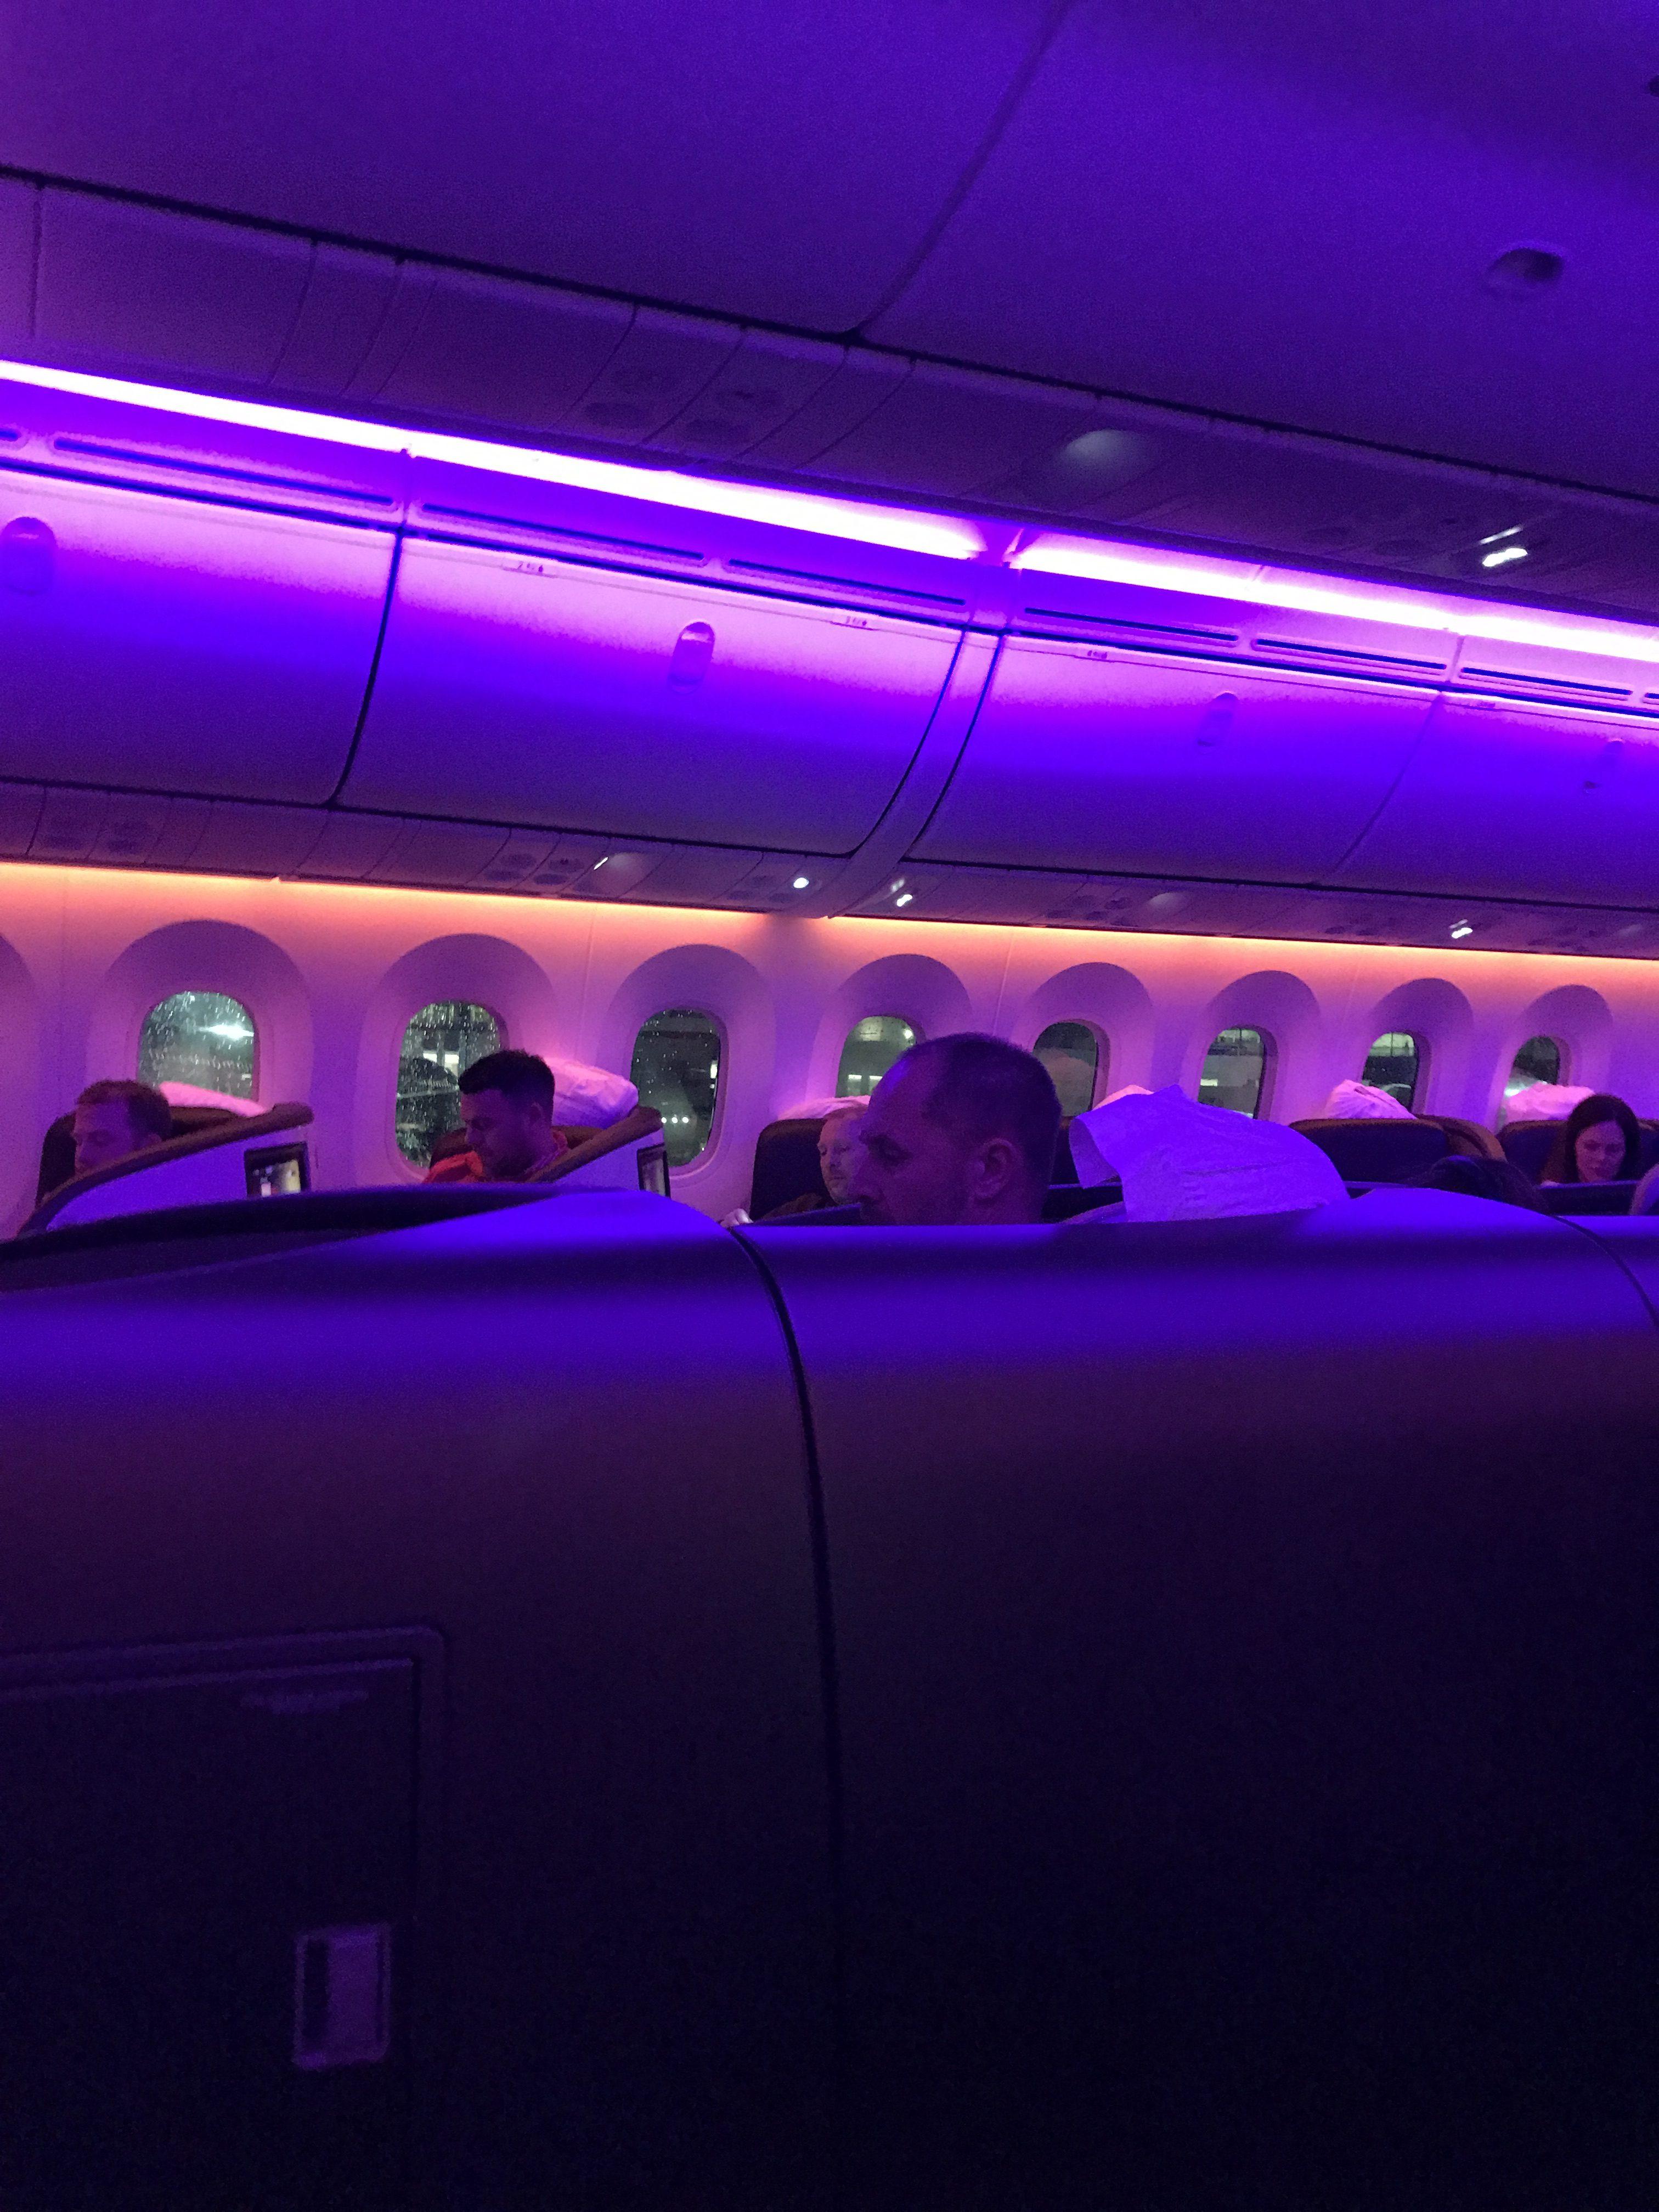 Virgin Atlantic Customer Reviews | SKYTRAX